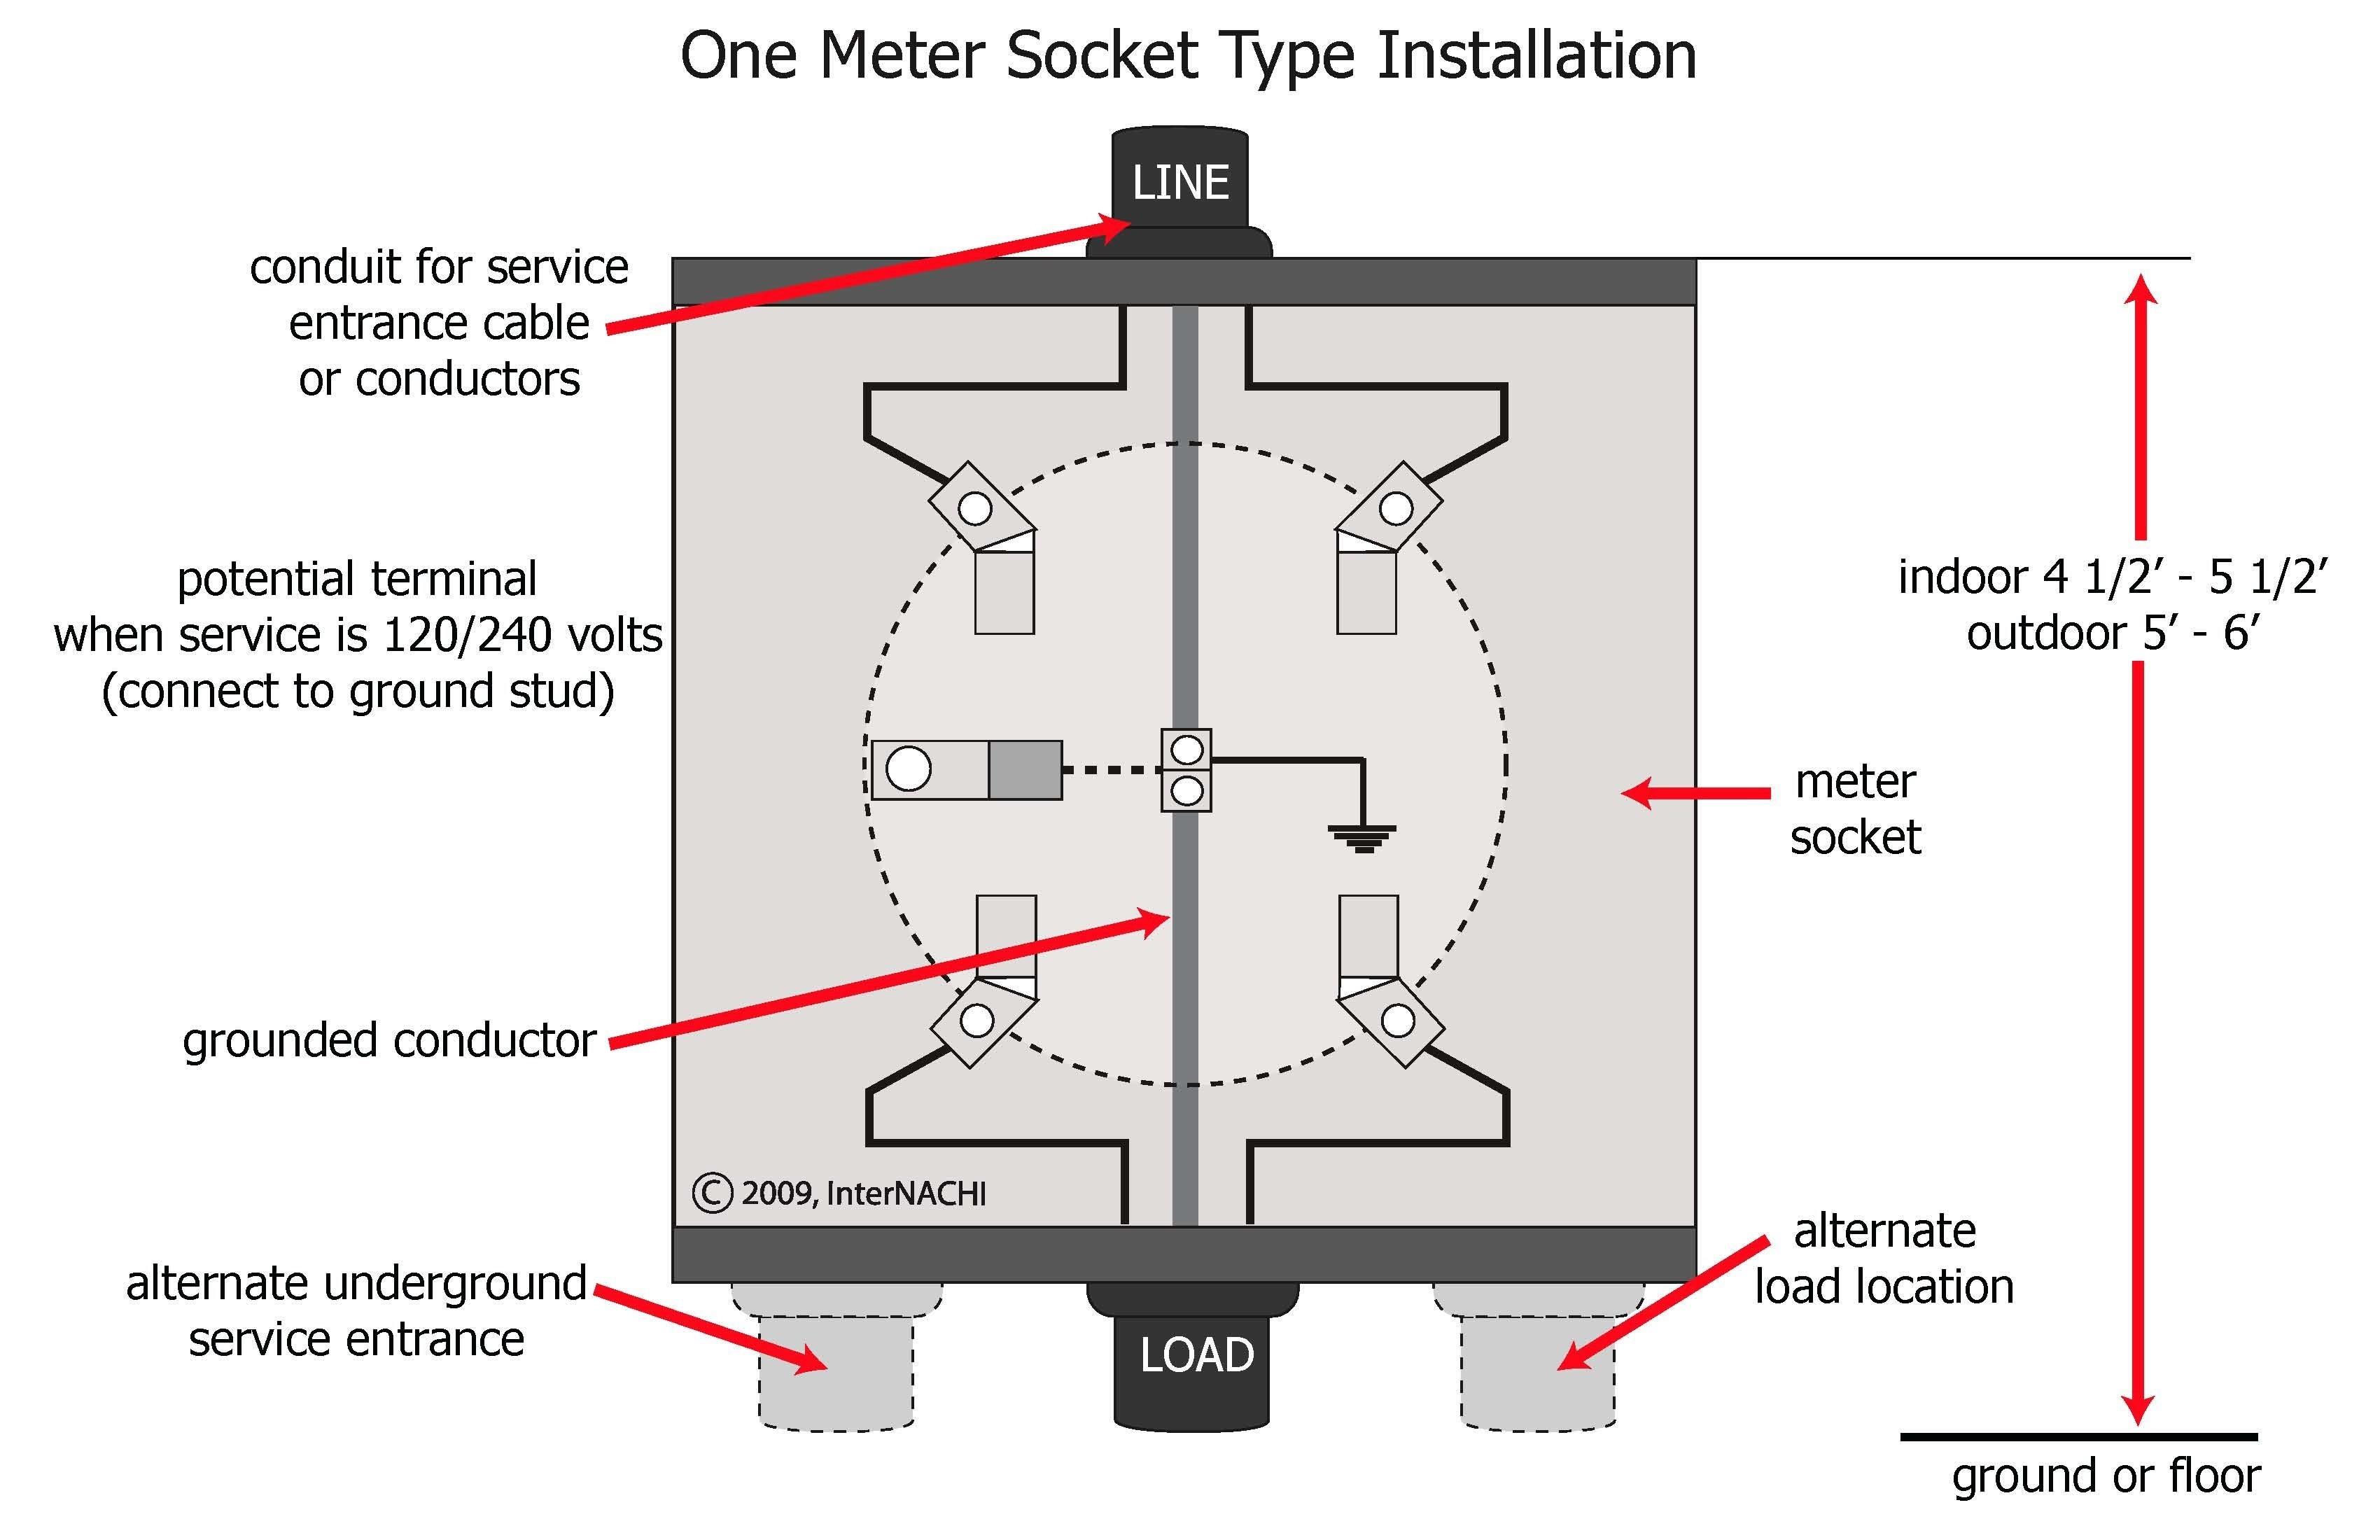 200 Amp Meter Base Wiring Diagram Elegant Delighted Milbank Meter socket Wiring Diagram Electrical